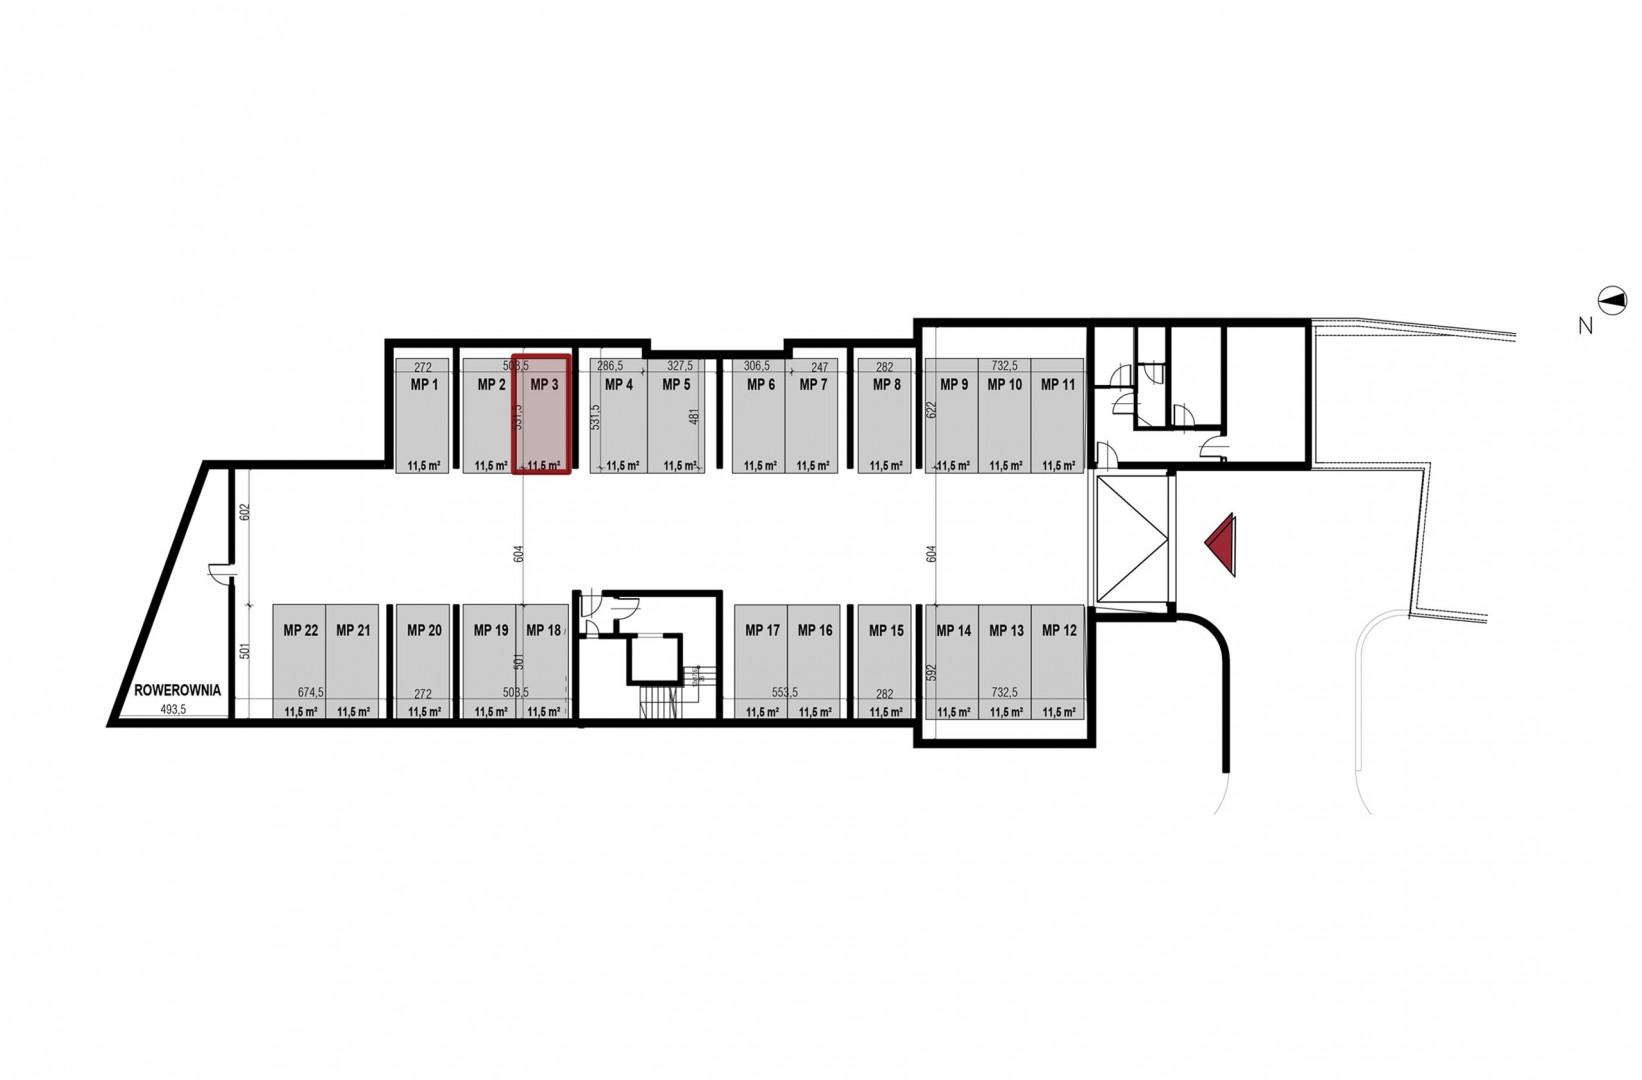 Uroczysko II / budynek 4 / miejsce postojowe 3 rzut 1